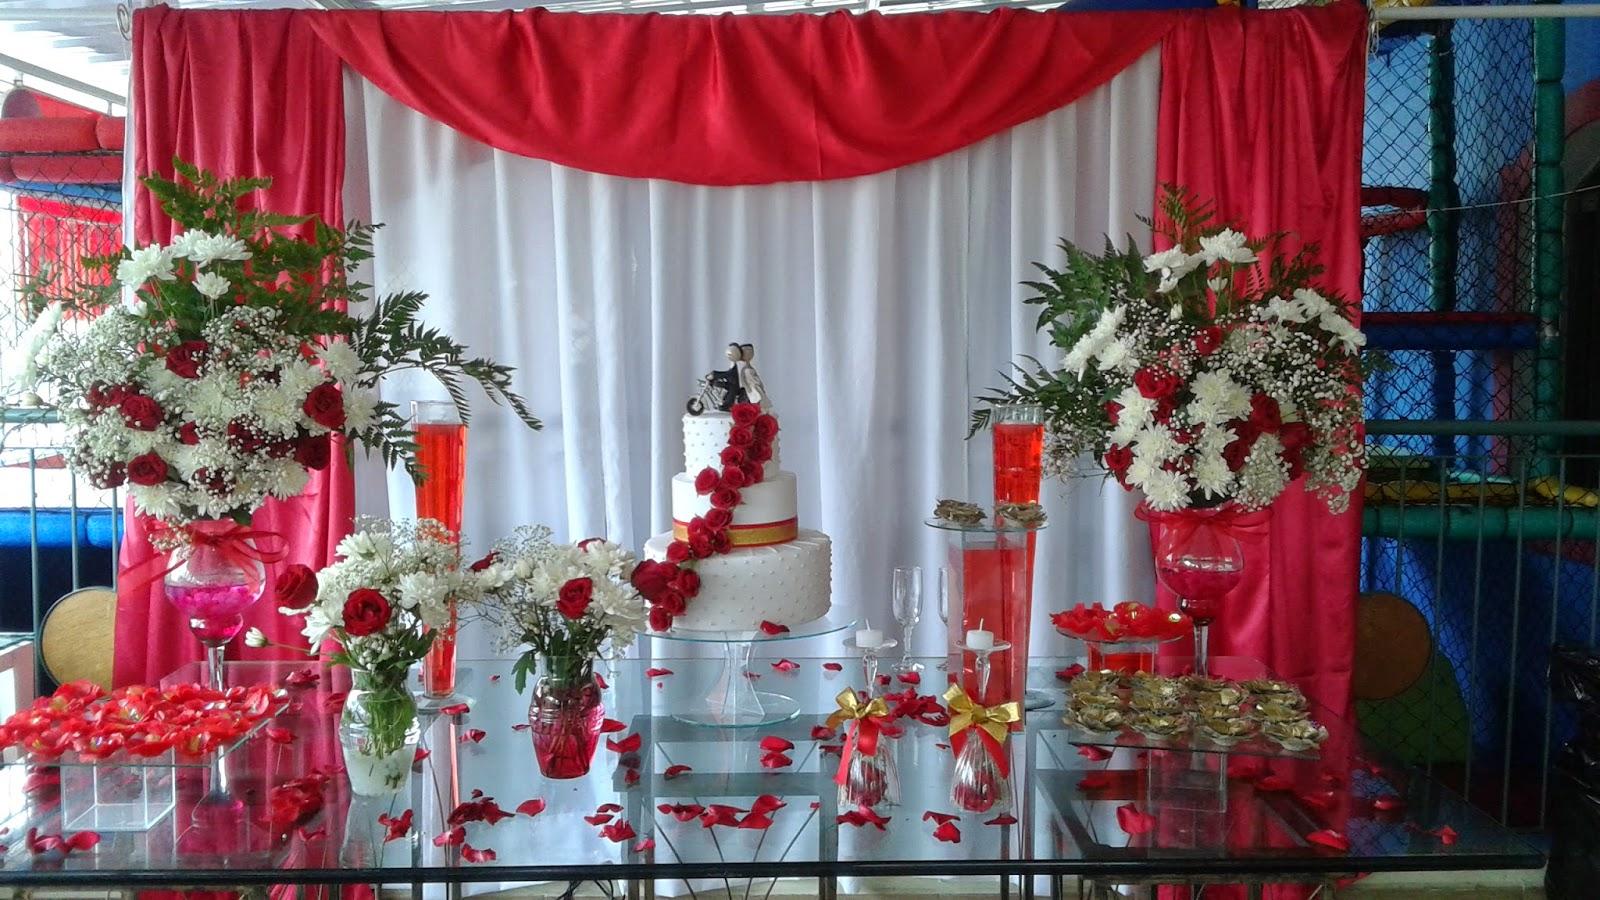 decoracao festa branco e vermelho: da Festa Nefesh: DECORAÇÃO CASAMENTO VERMELHO E BRANCO PATRICIA